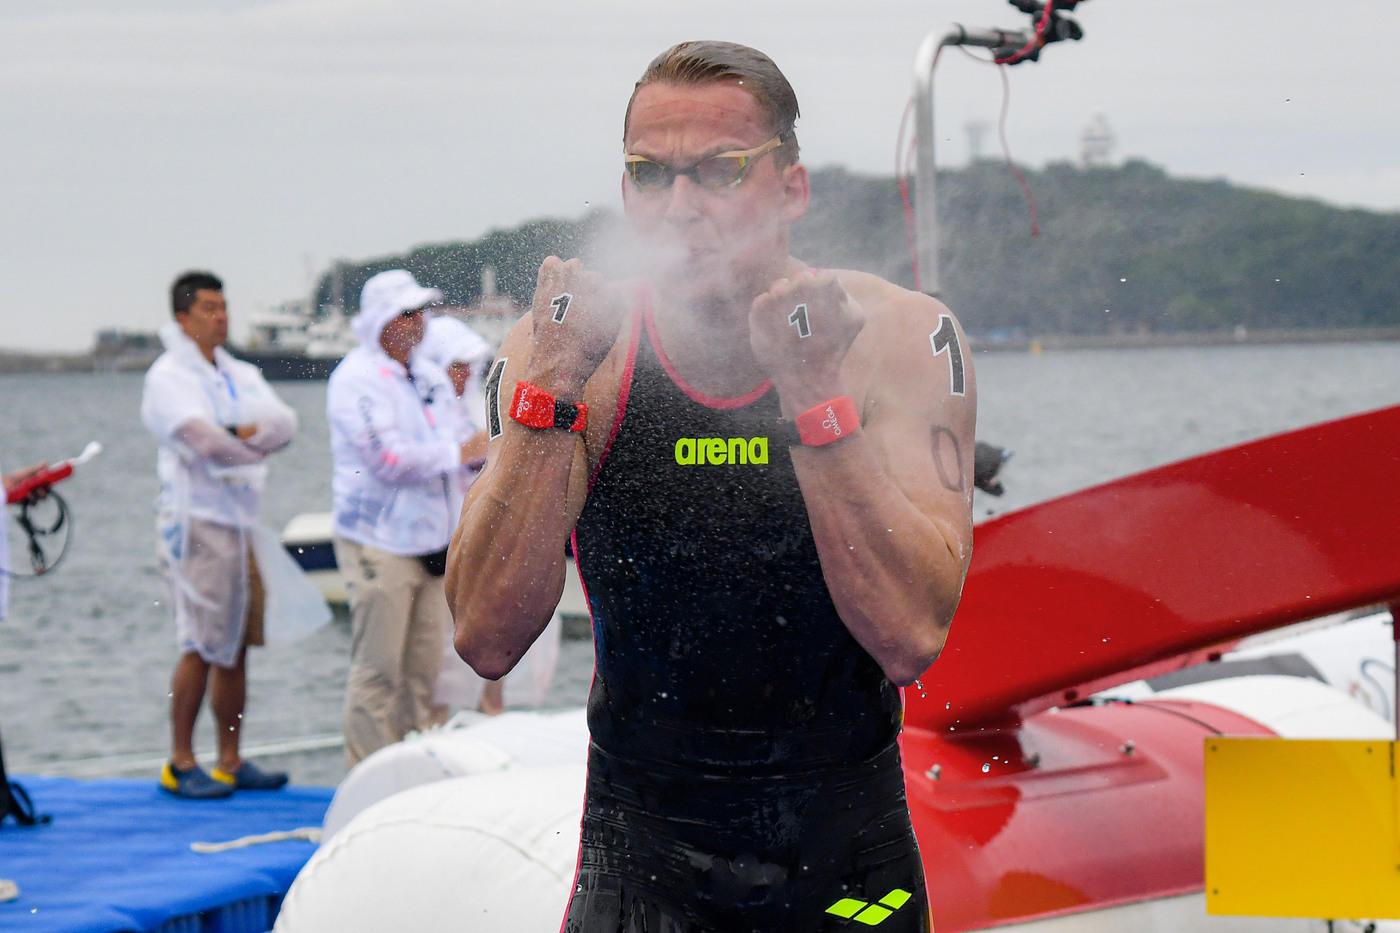 Seconda medaglia dal fondo per l'Italia ai Mondiali di nuoto. Stavolta a salire sul podio è stata la steddetta mista sui 5mila metri capitanata da Gregorio Paltrinieri.